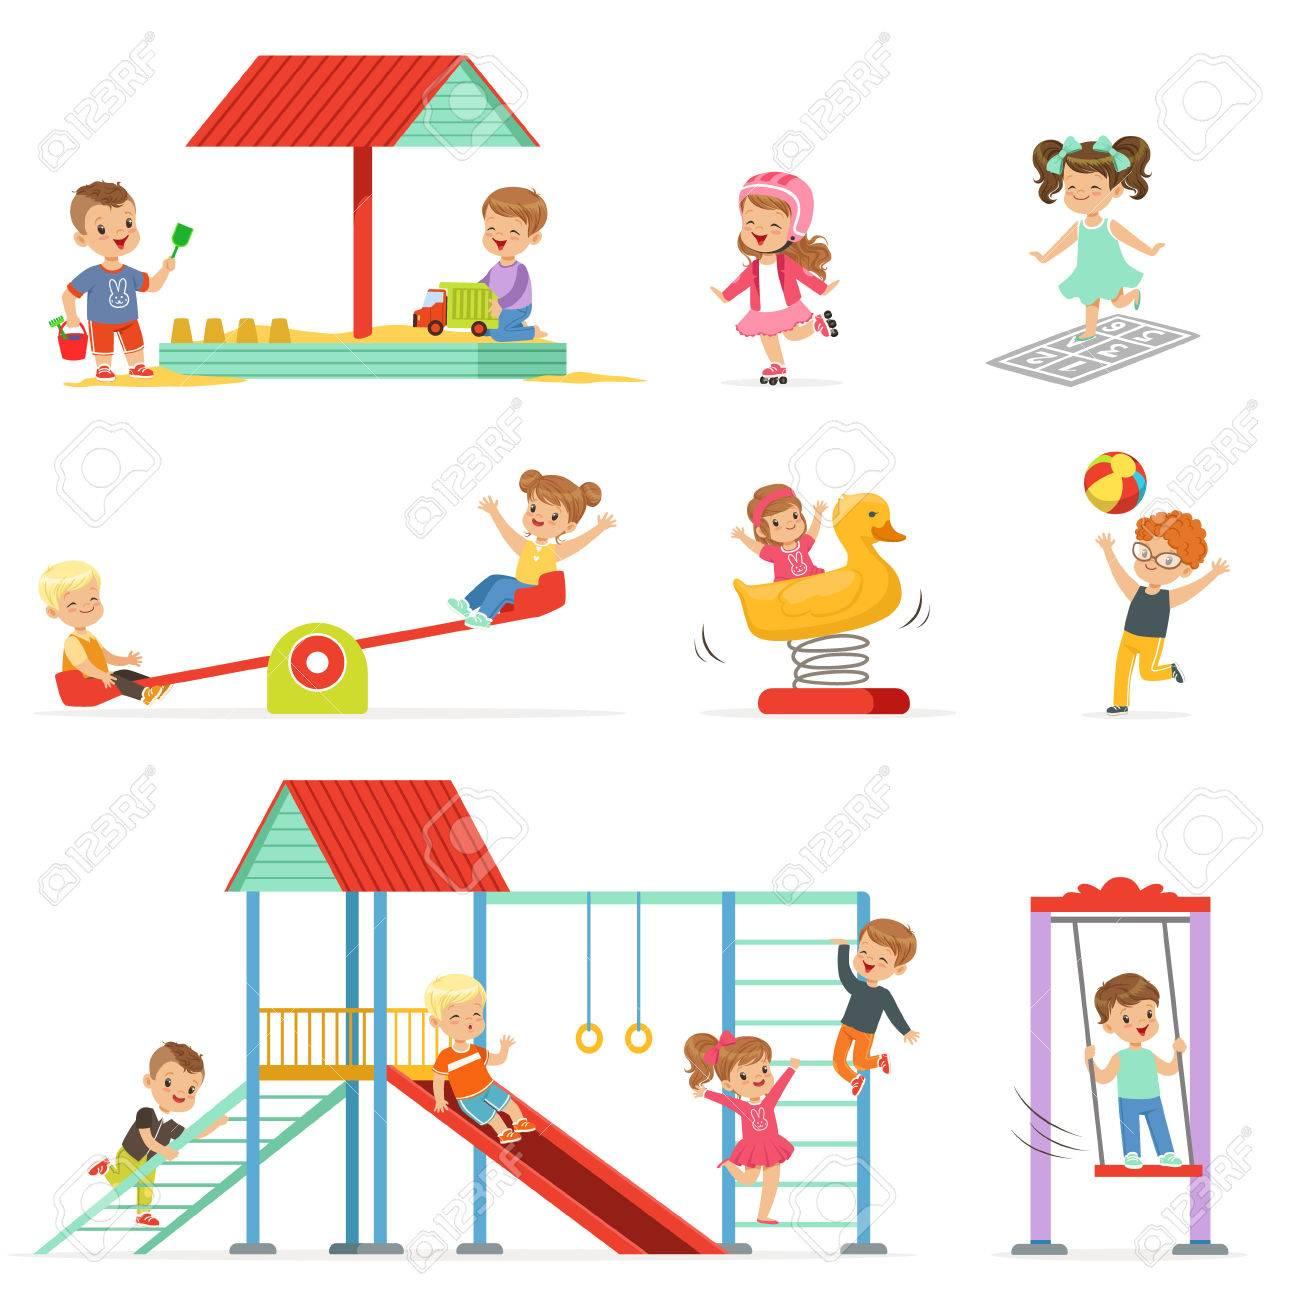 Jeux Enfant Dessin